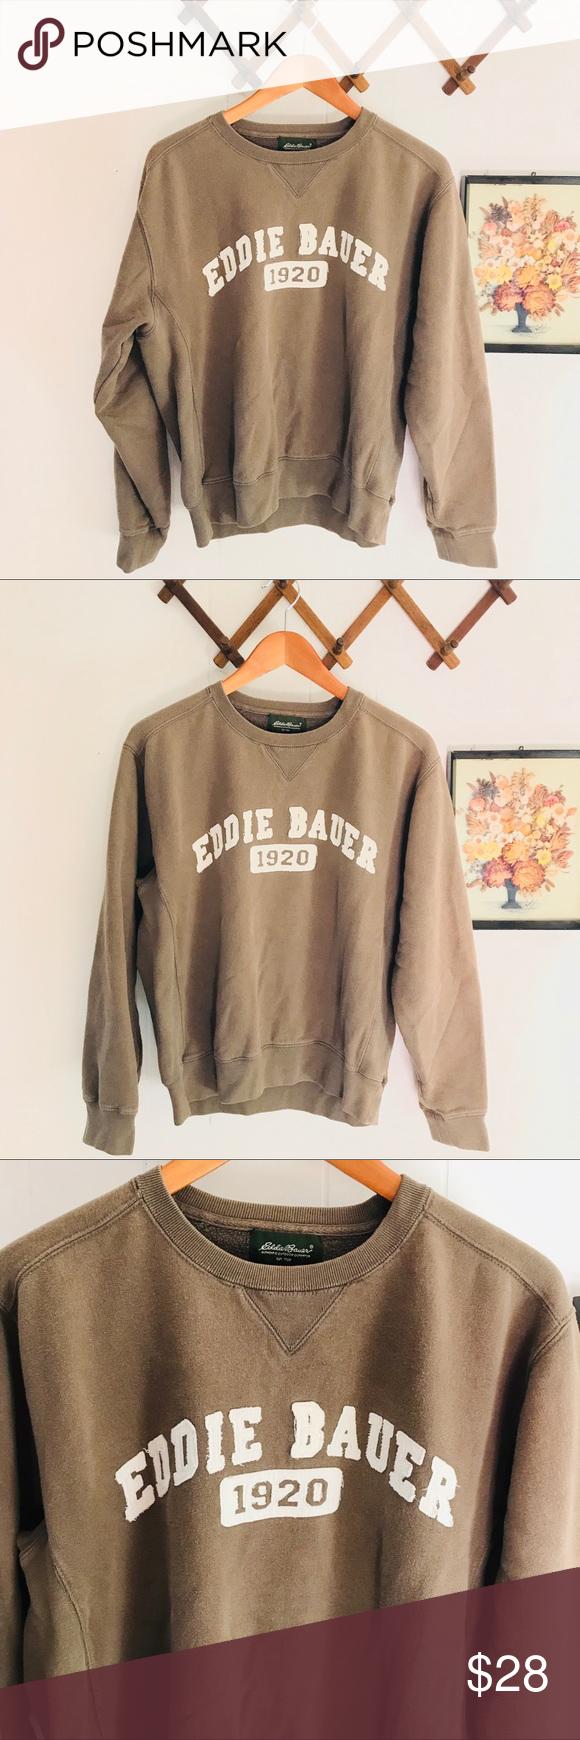 Eddie Bauer Vintage Crewneck Cotton Sweatshirt Vintage Crewneck Cotton Sweatshirts Sweatshirts [ 1740 x 580 Pixel ]